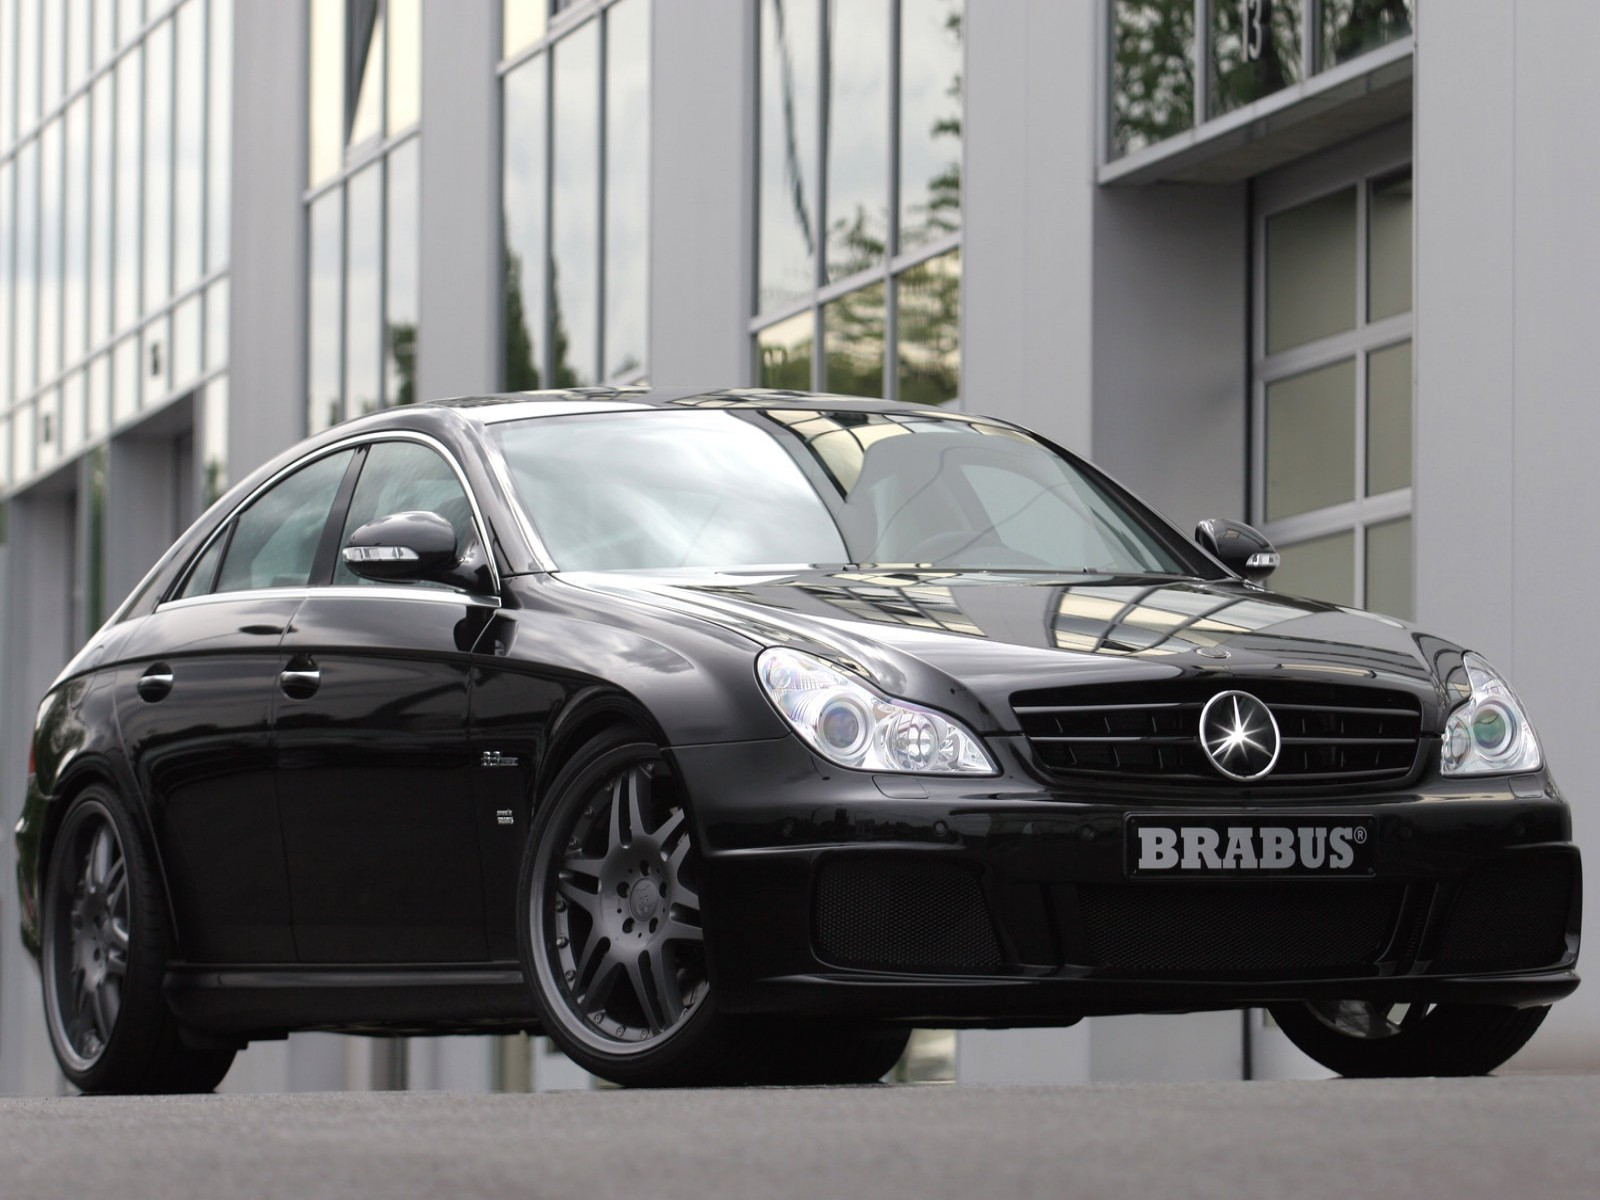 http://2.bp.blogspot.com/-nl1T6abjrIA/TduMN9-RsAI/AAAAAAAAApM/i5T24FLQjtc/s1600/2007+Brabus+Mercedes-Benz+CLS+B63+S.jpg